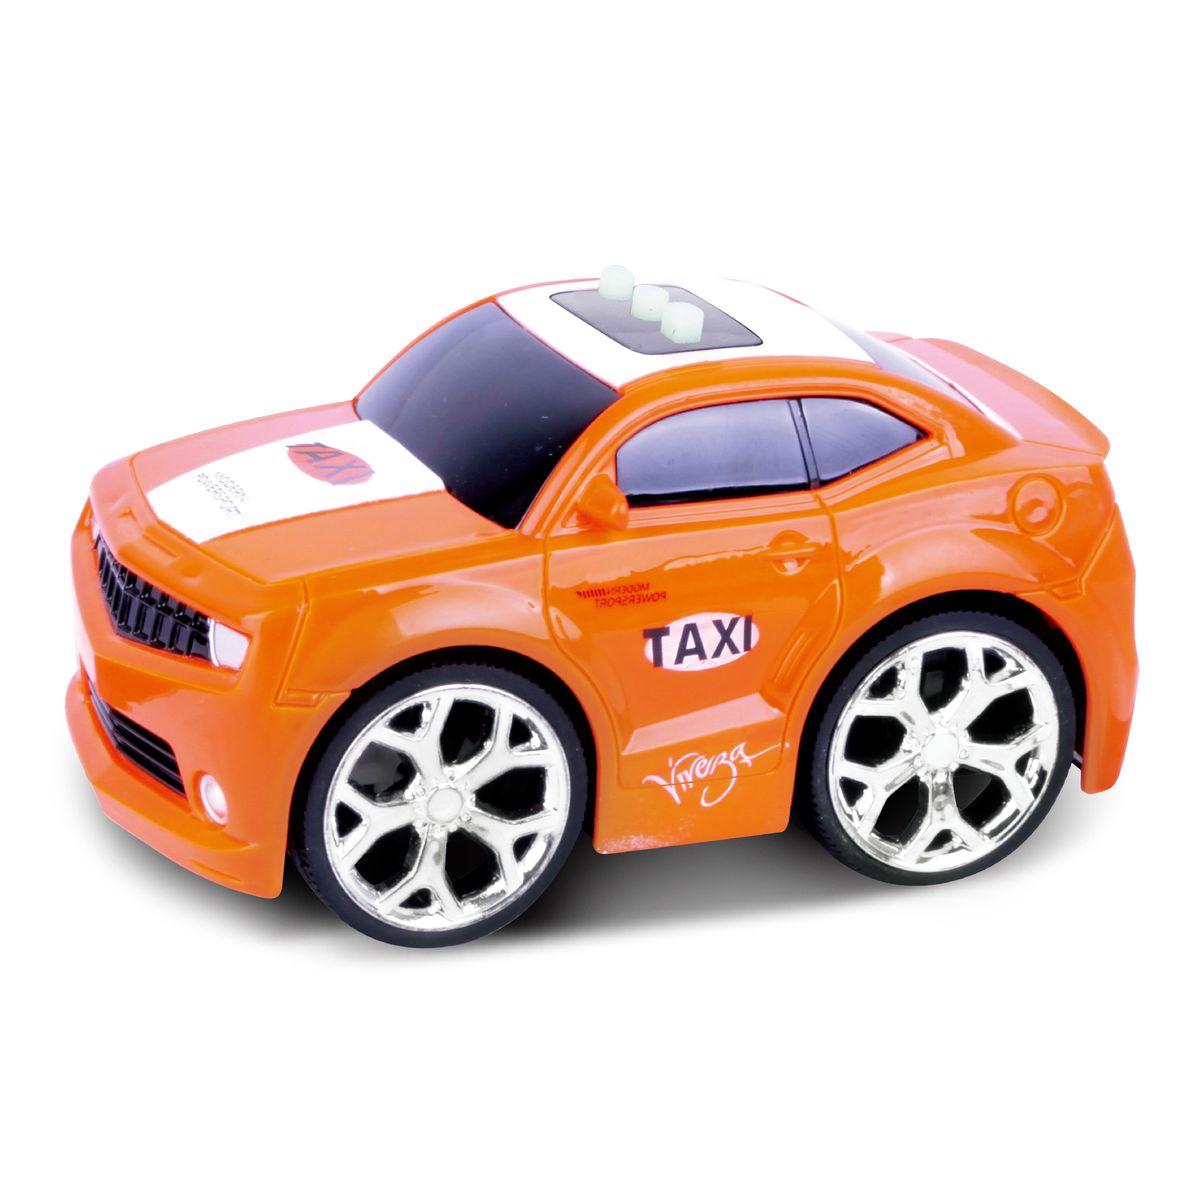 Blue Sea Машинка интерактивная цвет оранжевый5588-88BОригинальный дизайн 3 интерактивные функции (звук запуска двигателя, включение музыки, движение вперед) Требуется докупить элементы питания